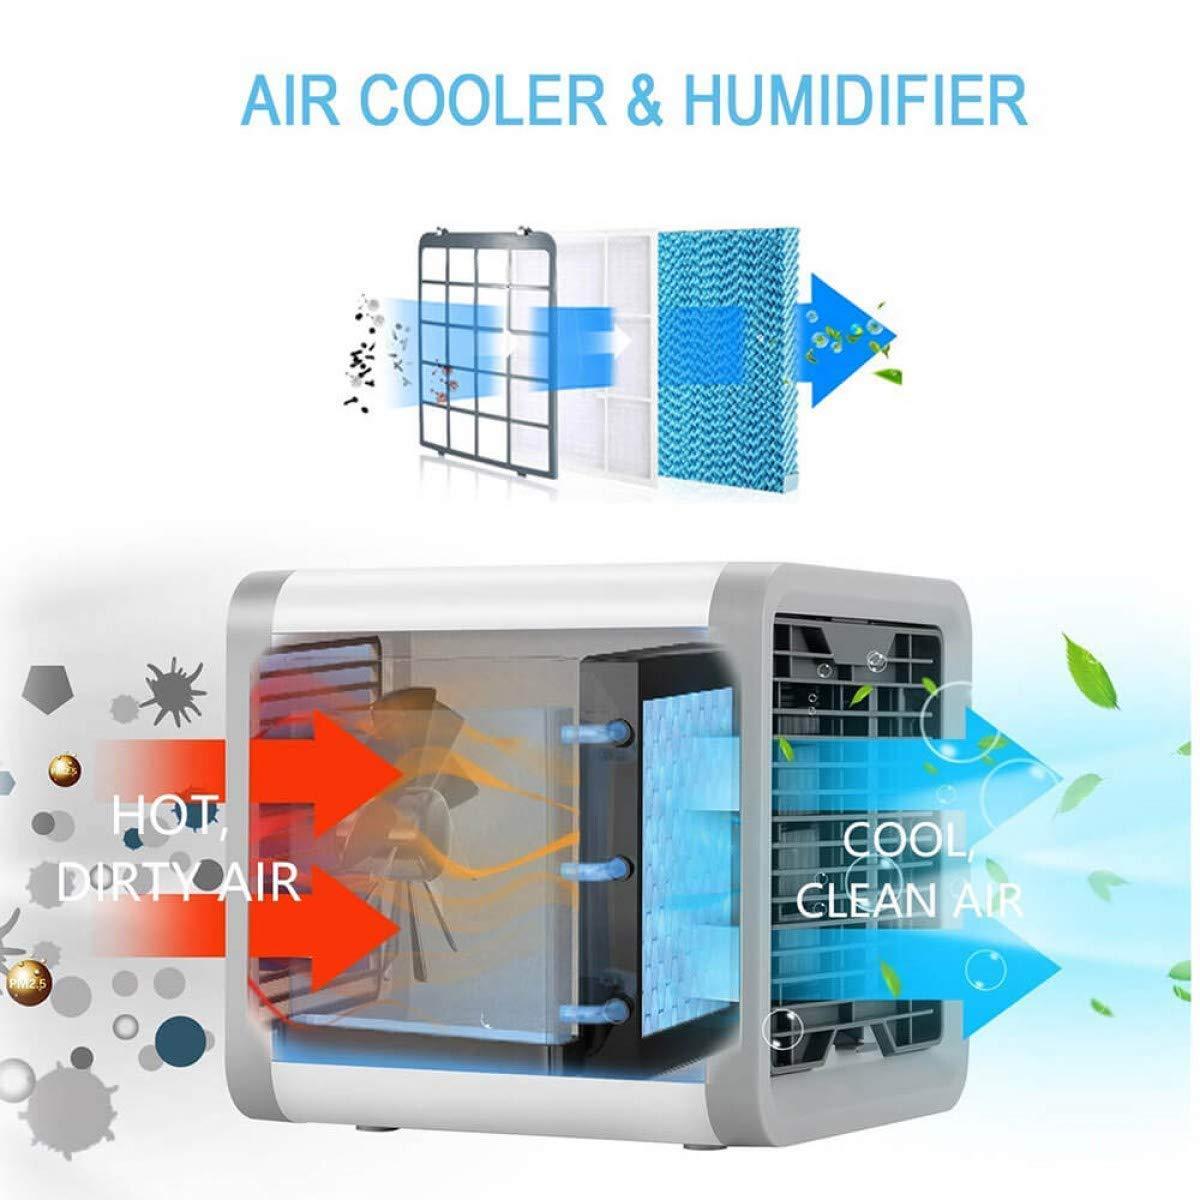 Alexander Mini Aire Acondicionado Port/átil Enfriador USB 10W Ventilador Personal Humidificaci/ón del Aire para Casa Oficina Camper